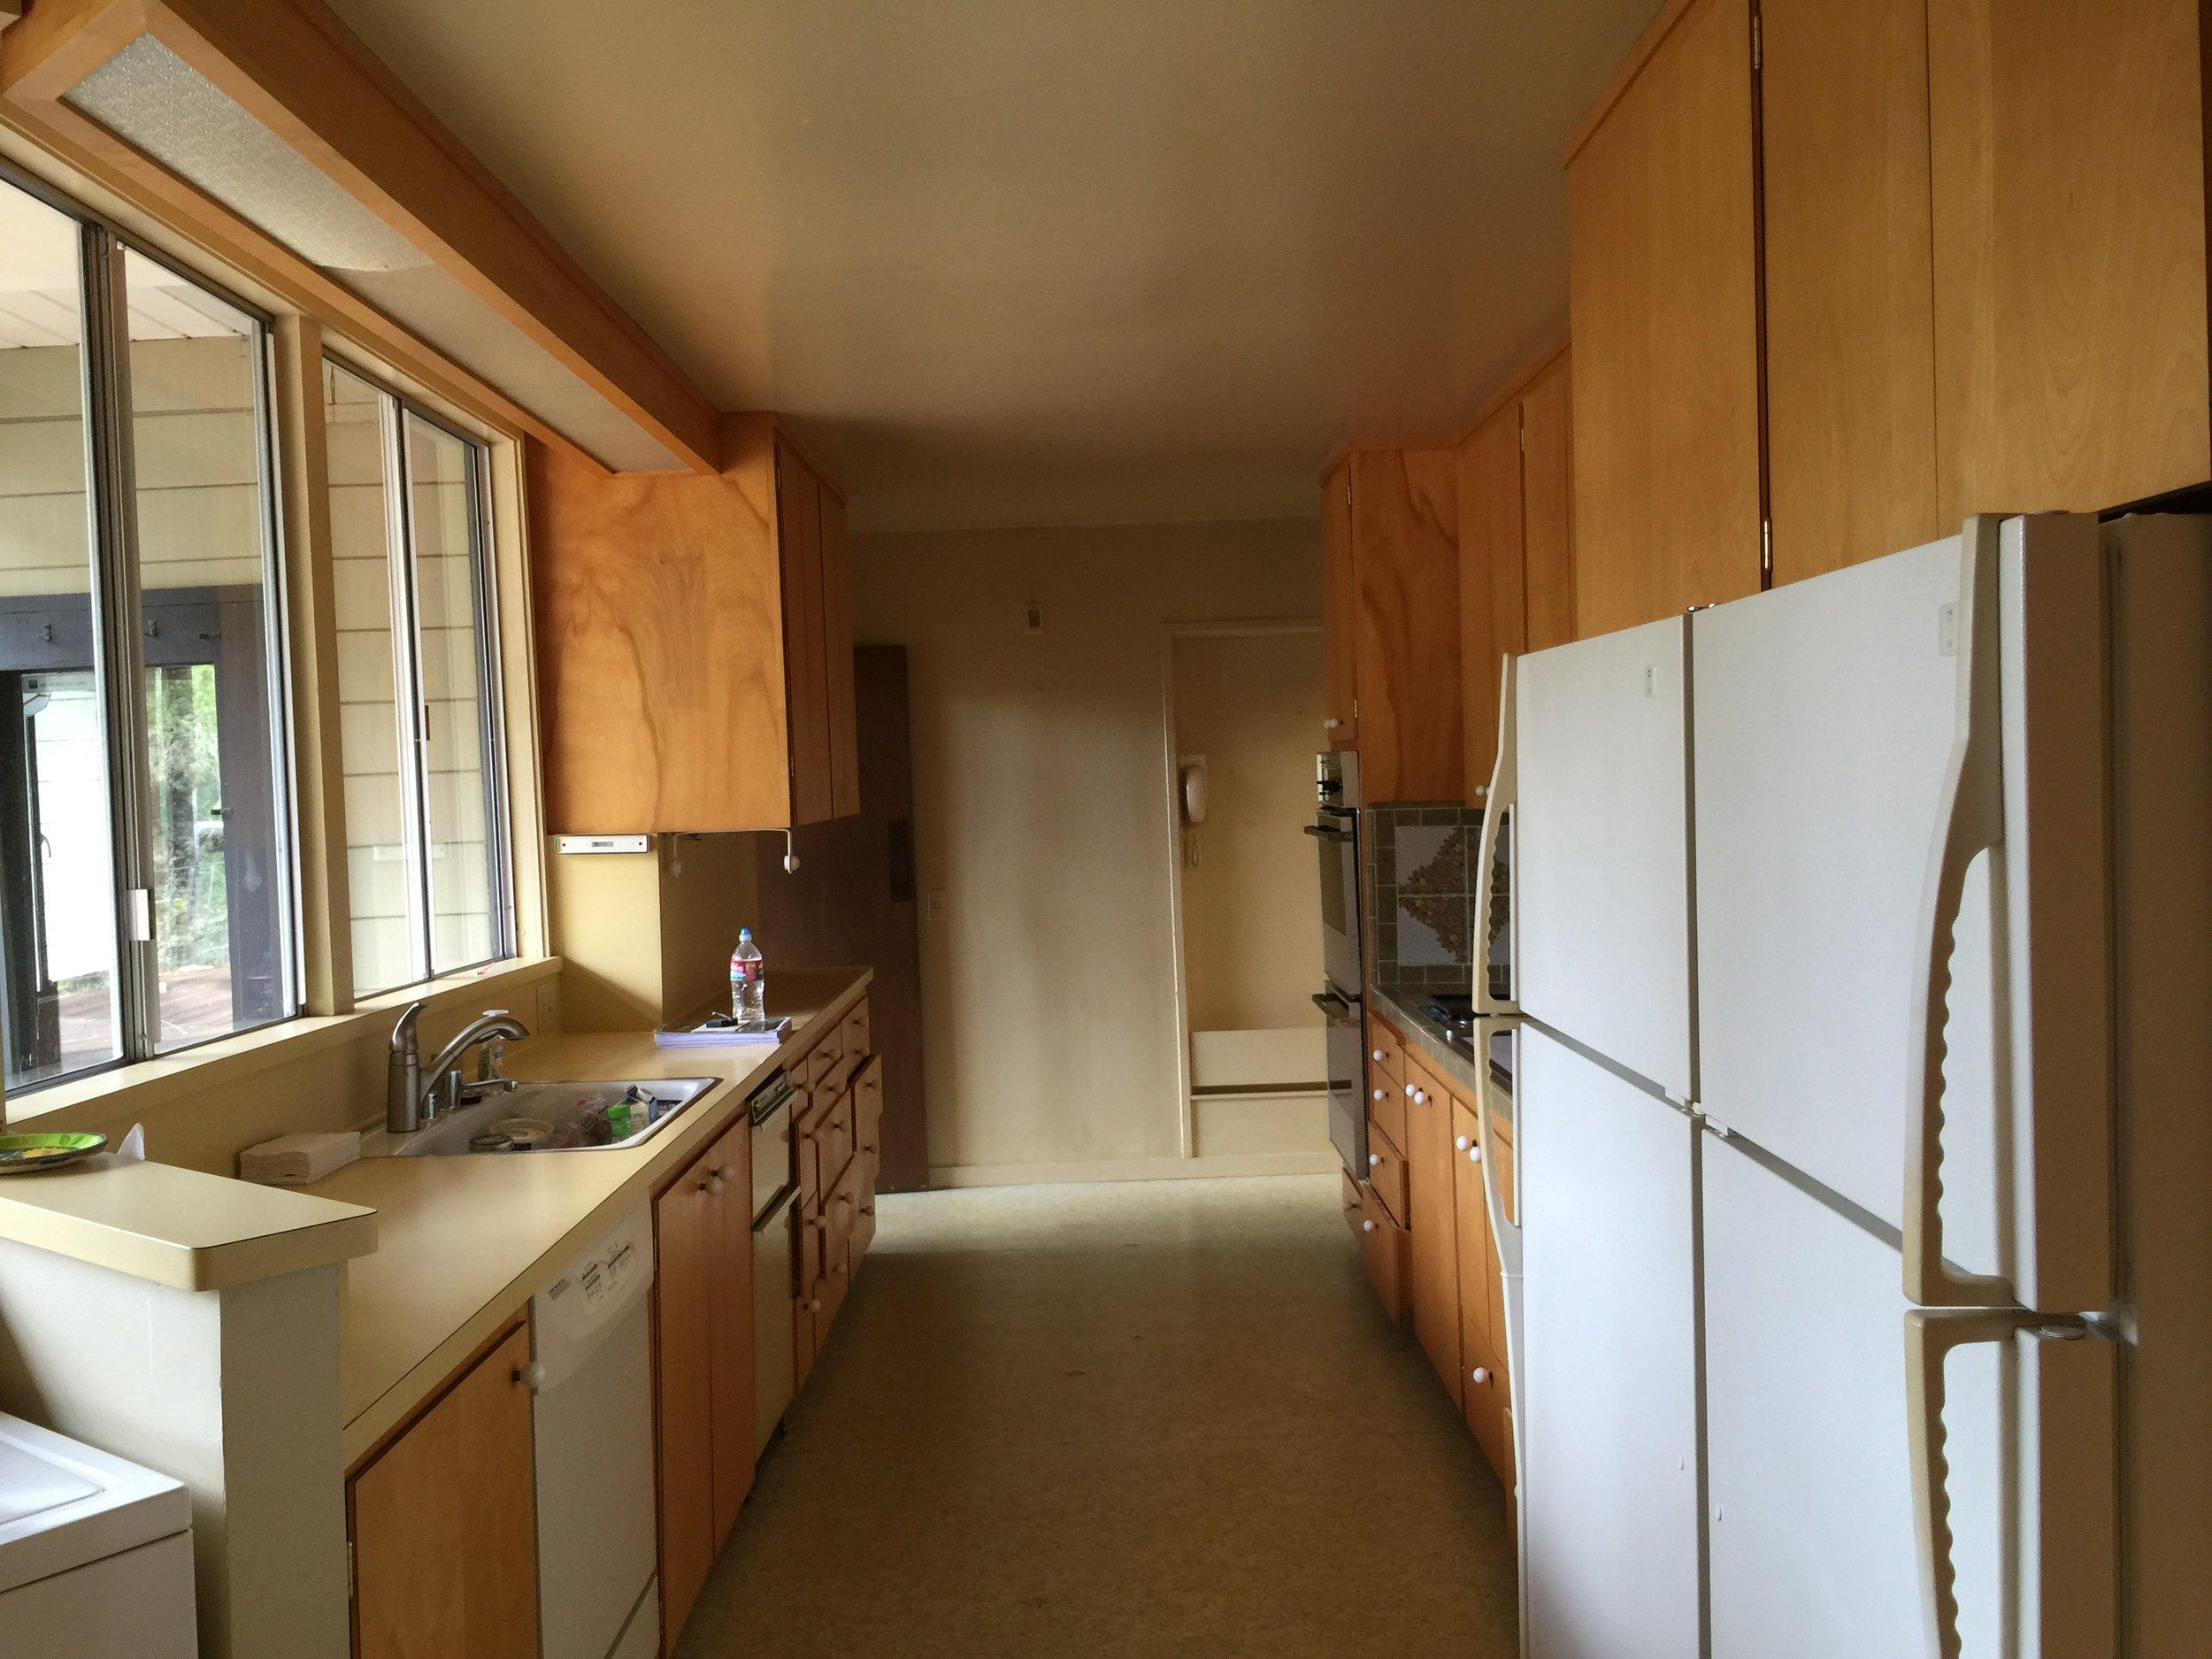 44 Tarry Lane, Orinda. Kitchen: Before